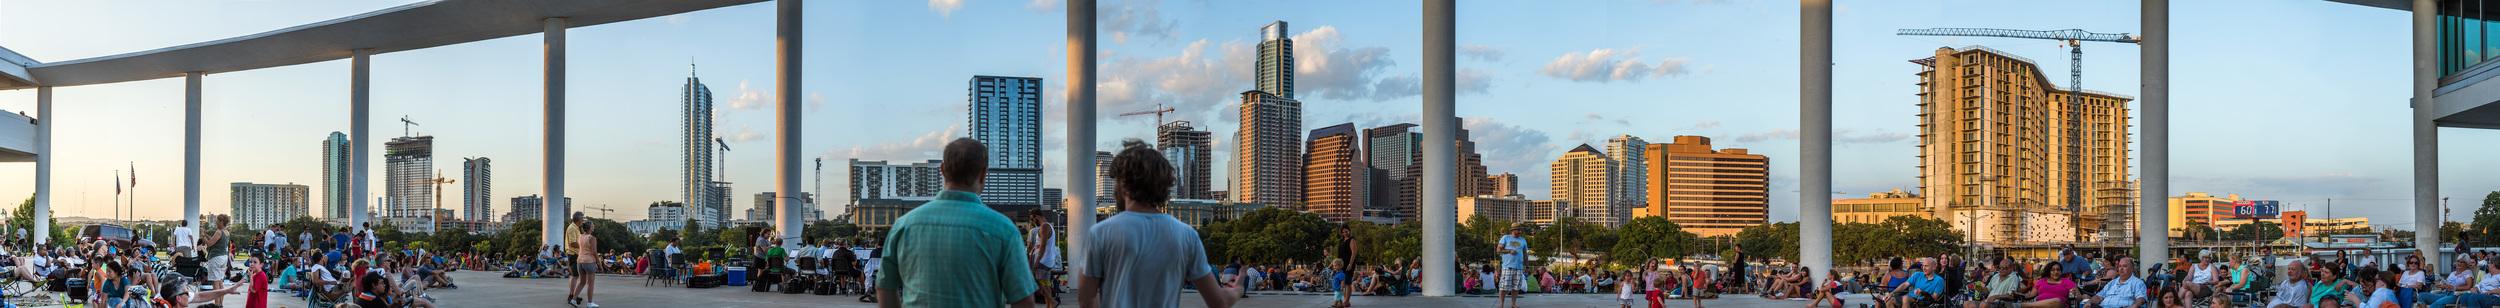 Long Center Skyline Panorama #2